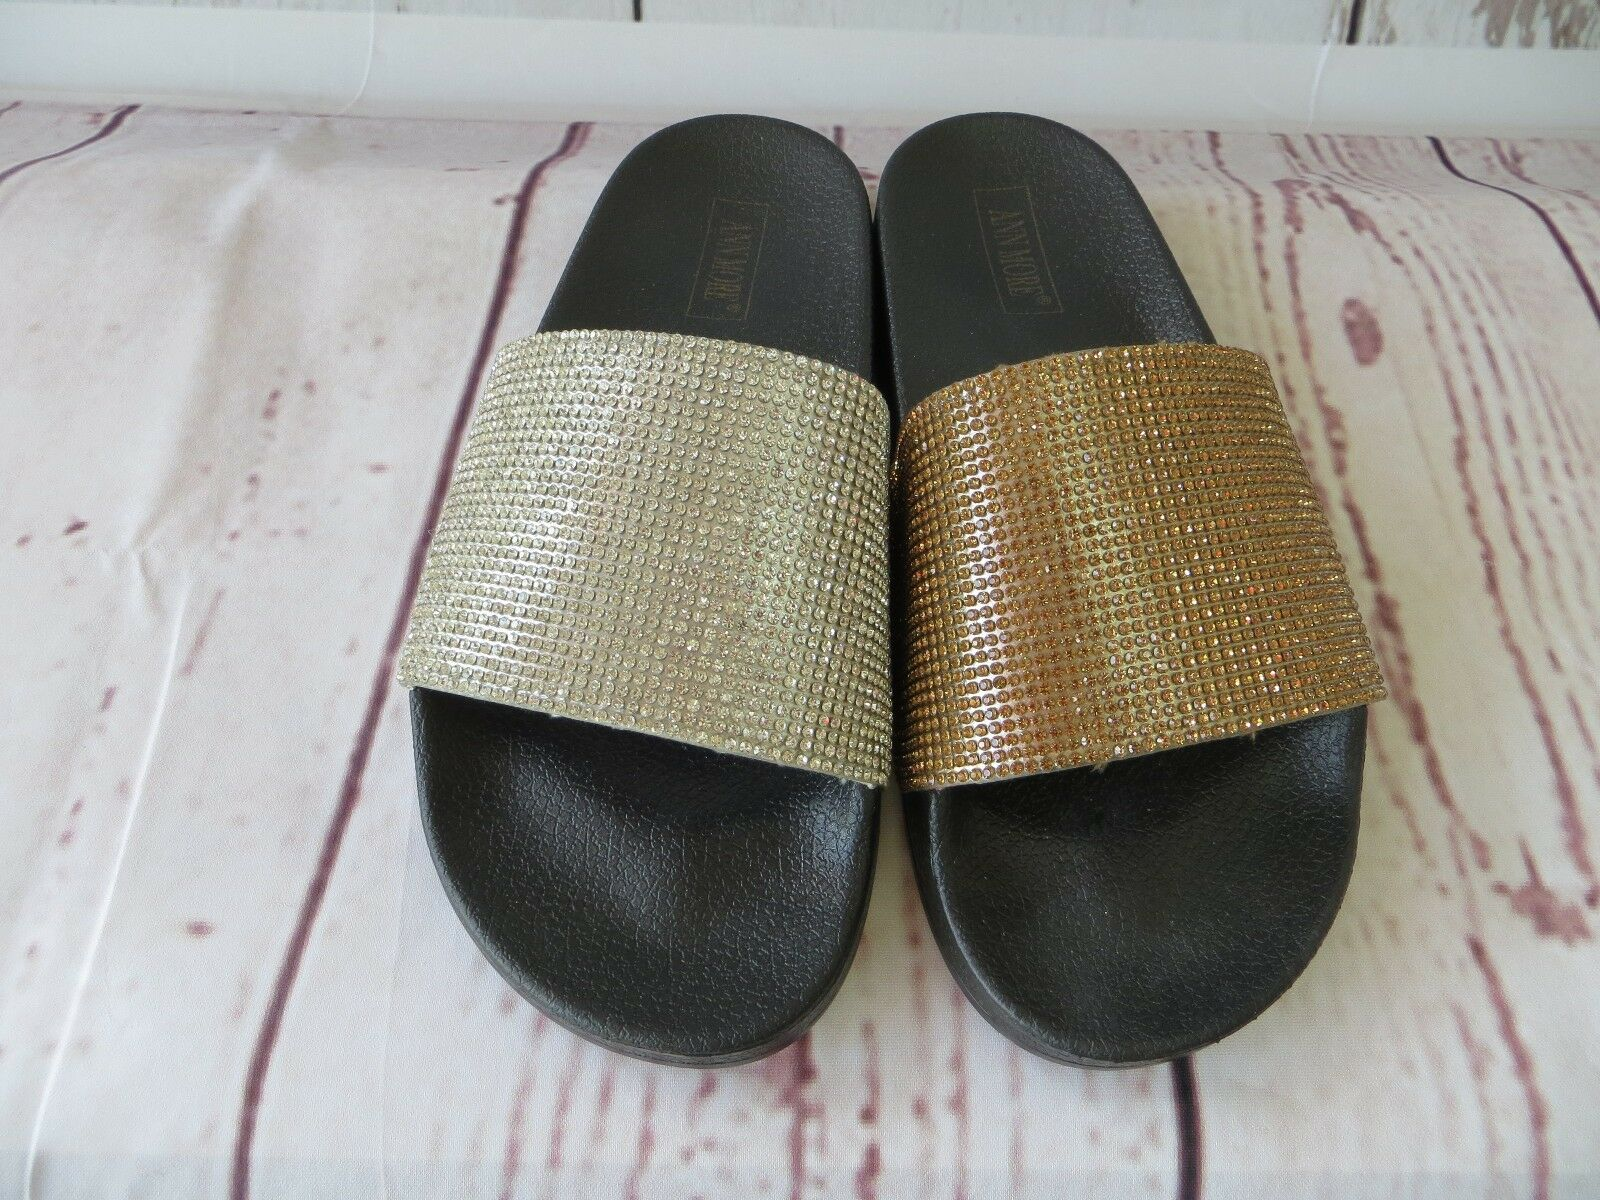 CARACAS JELLY SANDAL WOMEN SHOES SLIP ON ANN SLIDES SLIPPERS DIAMOND BY ANN ON MORE 361683